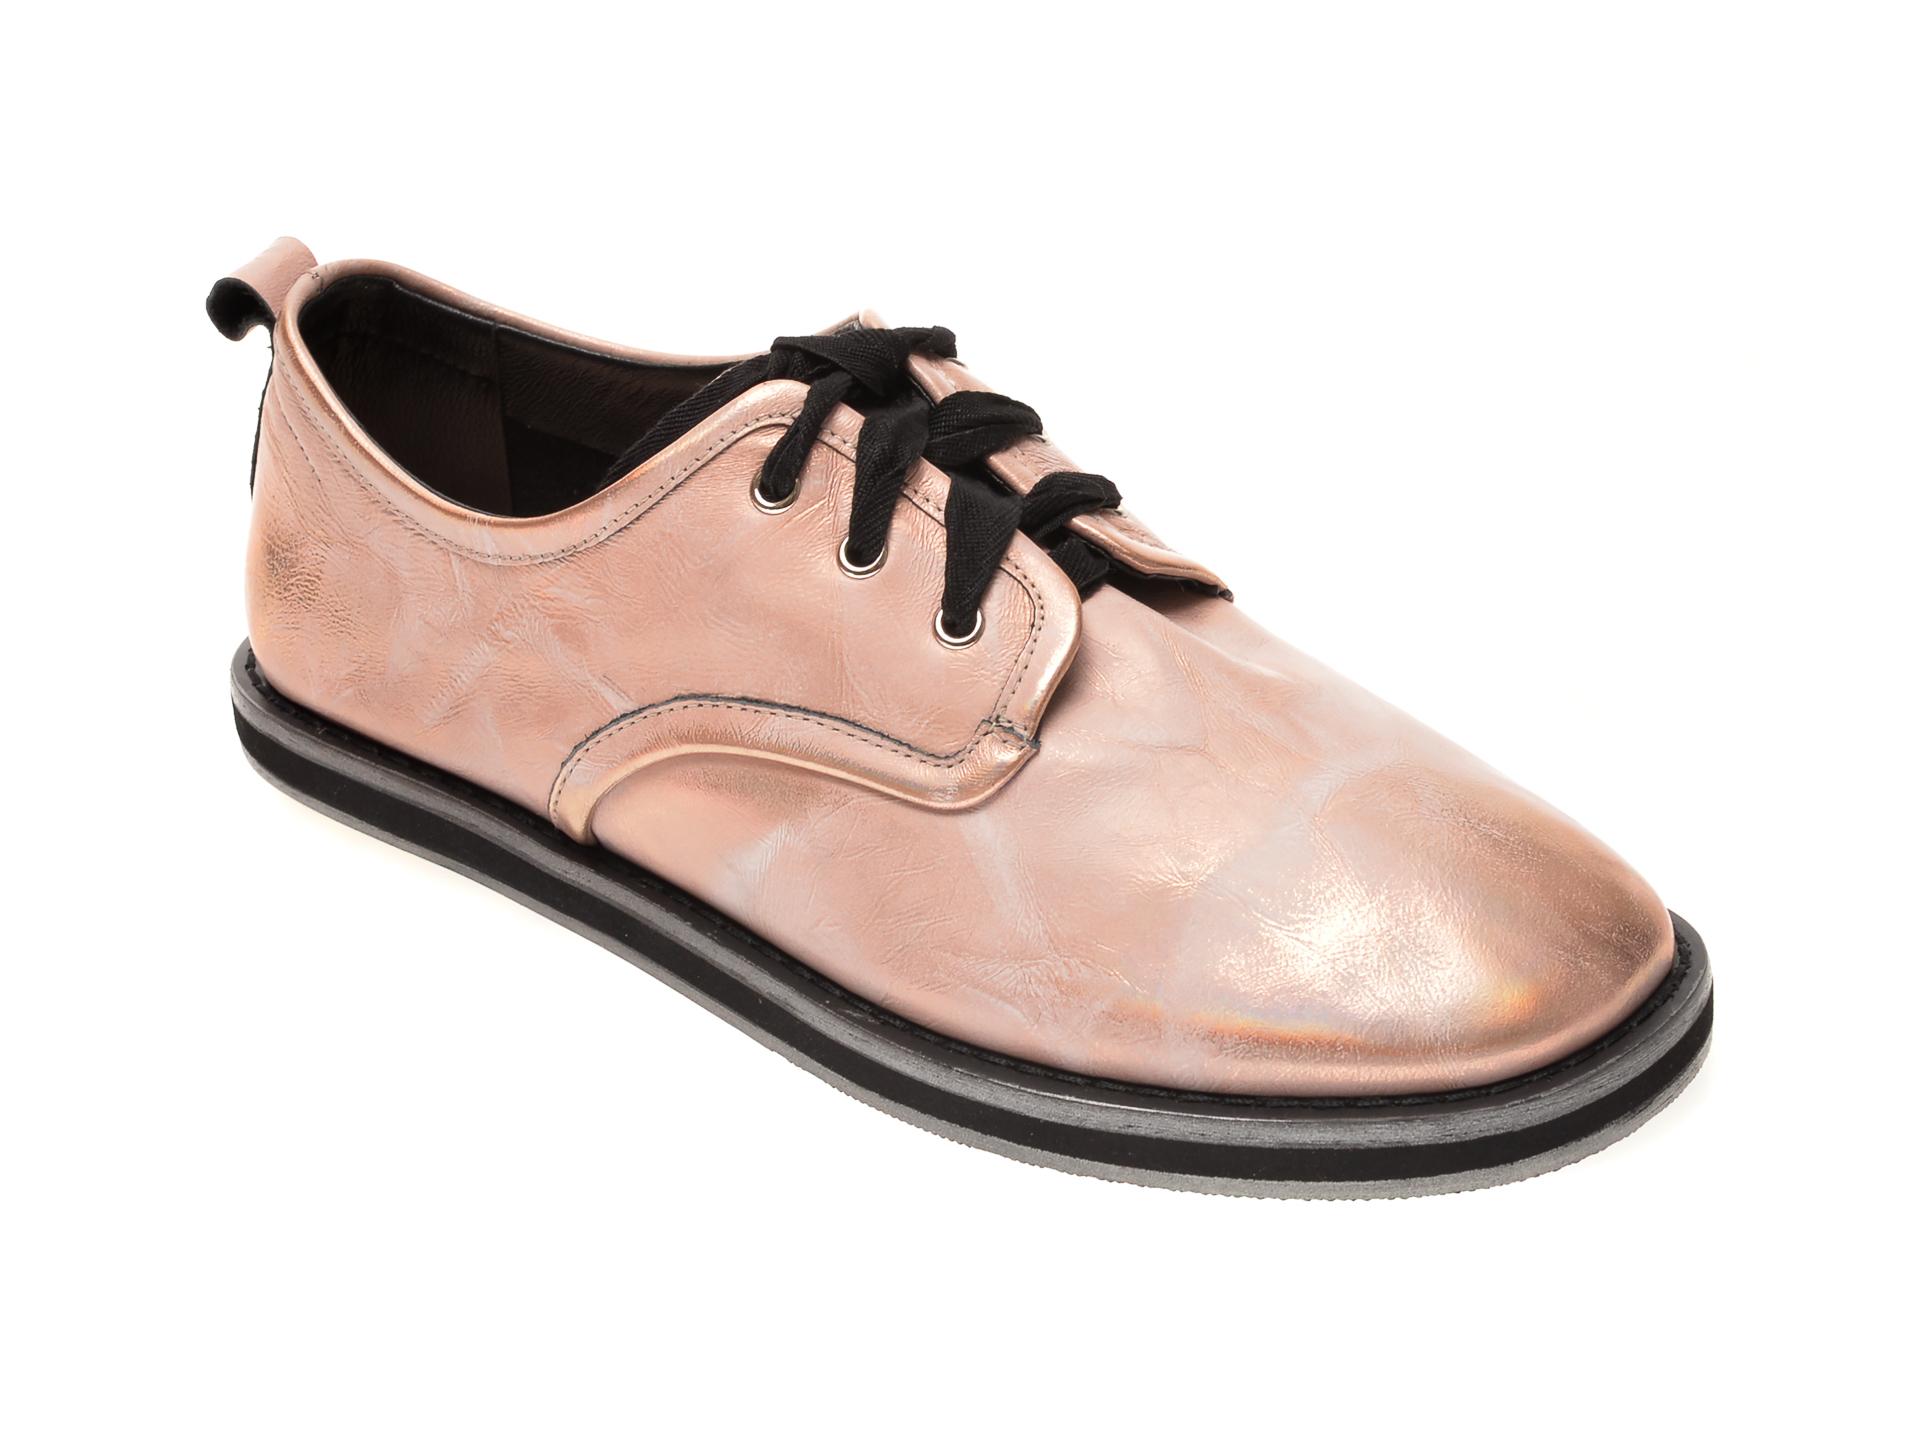 Pantofi EPICA nude, AH025M1, din piele naturala